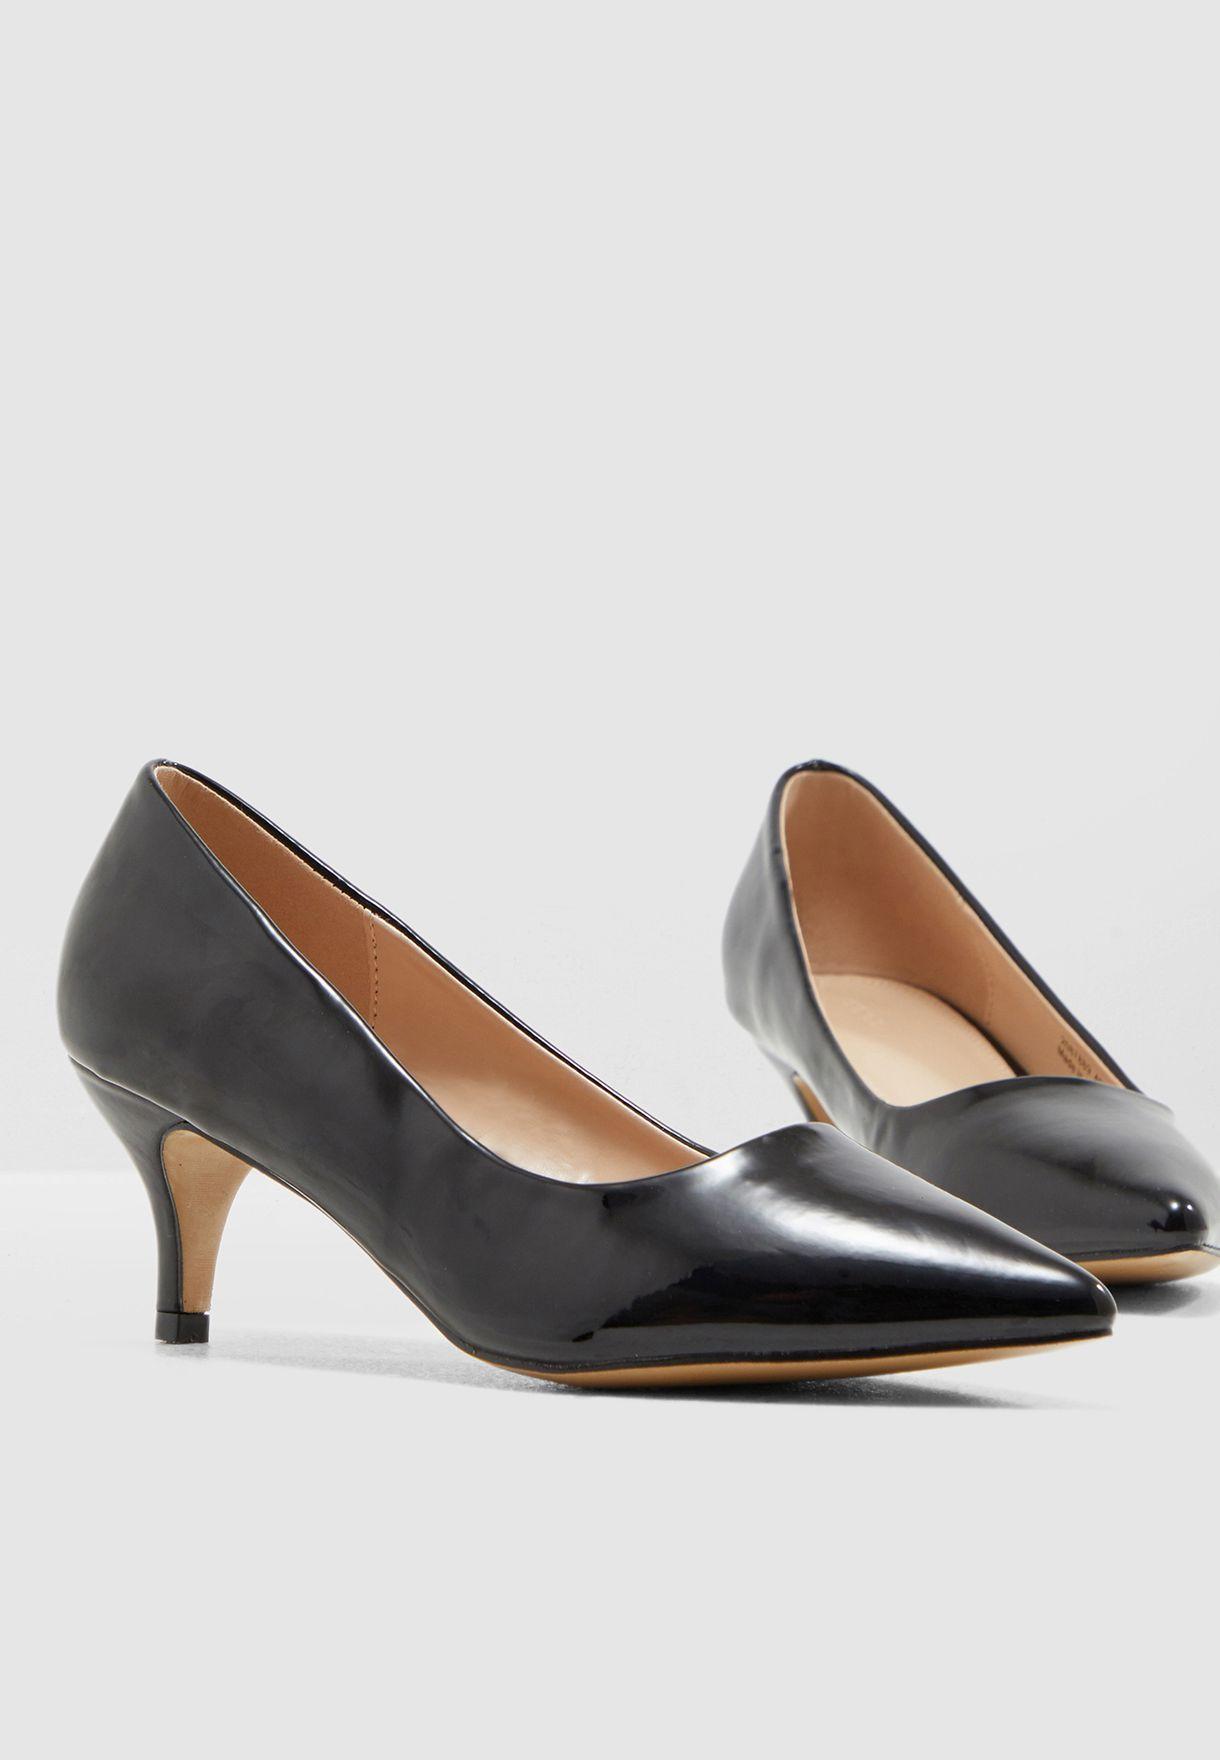 b64188af3af64 تسوق حذاء كلاسيكي ماركة لون أسود 2087889 9185A3 في السعودية ...